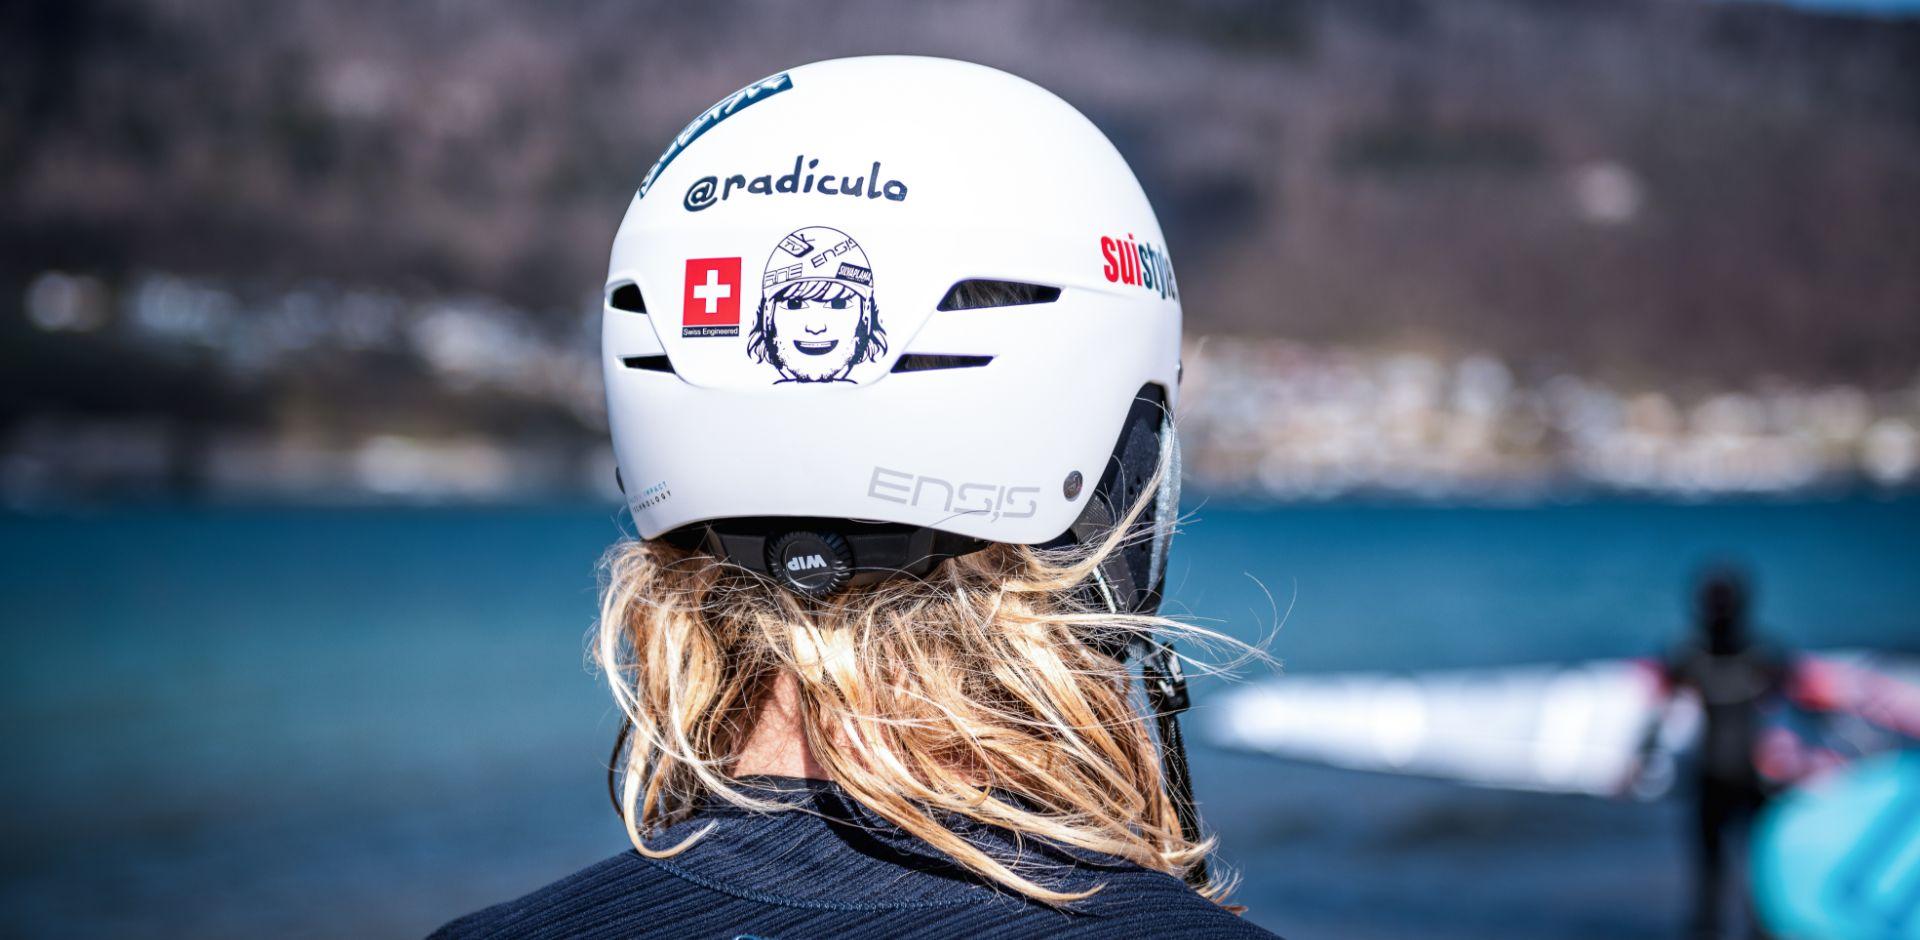 ENSIS helmets